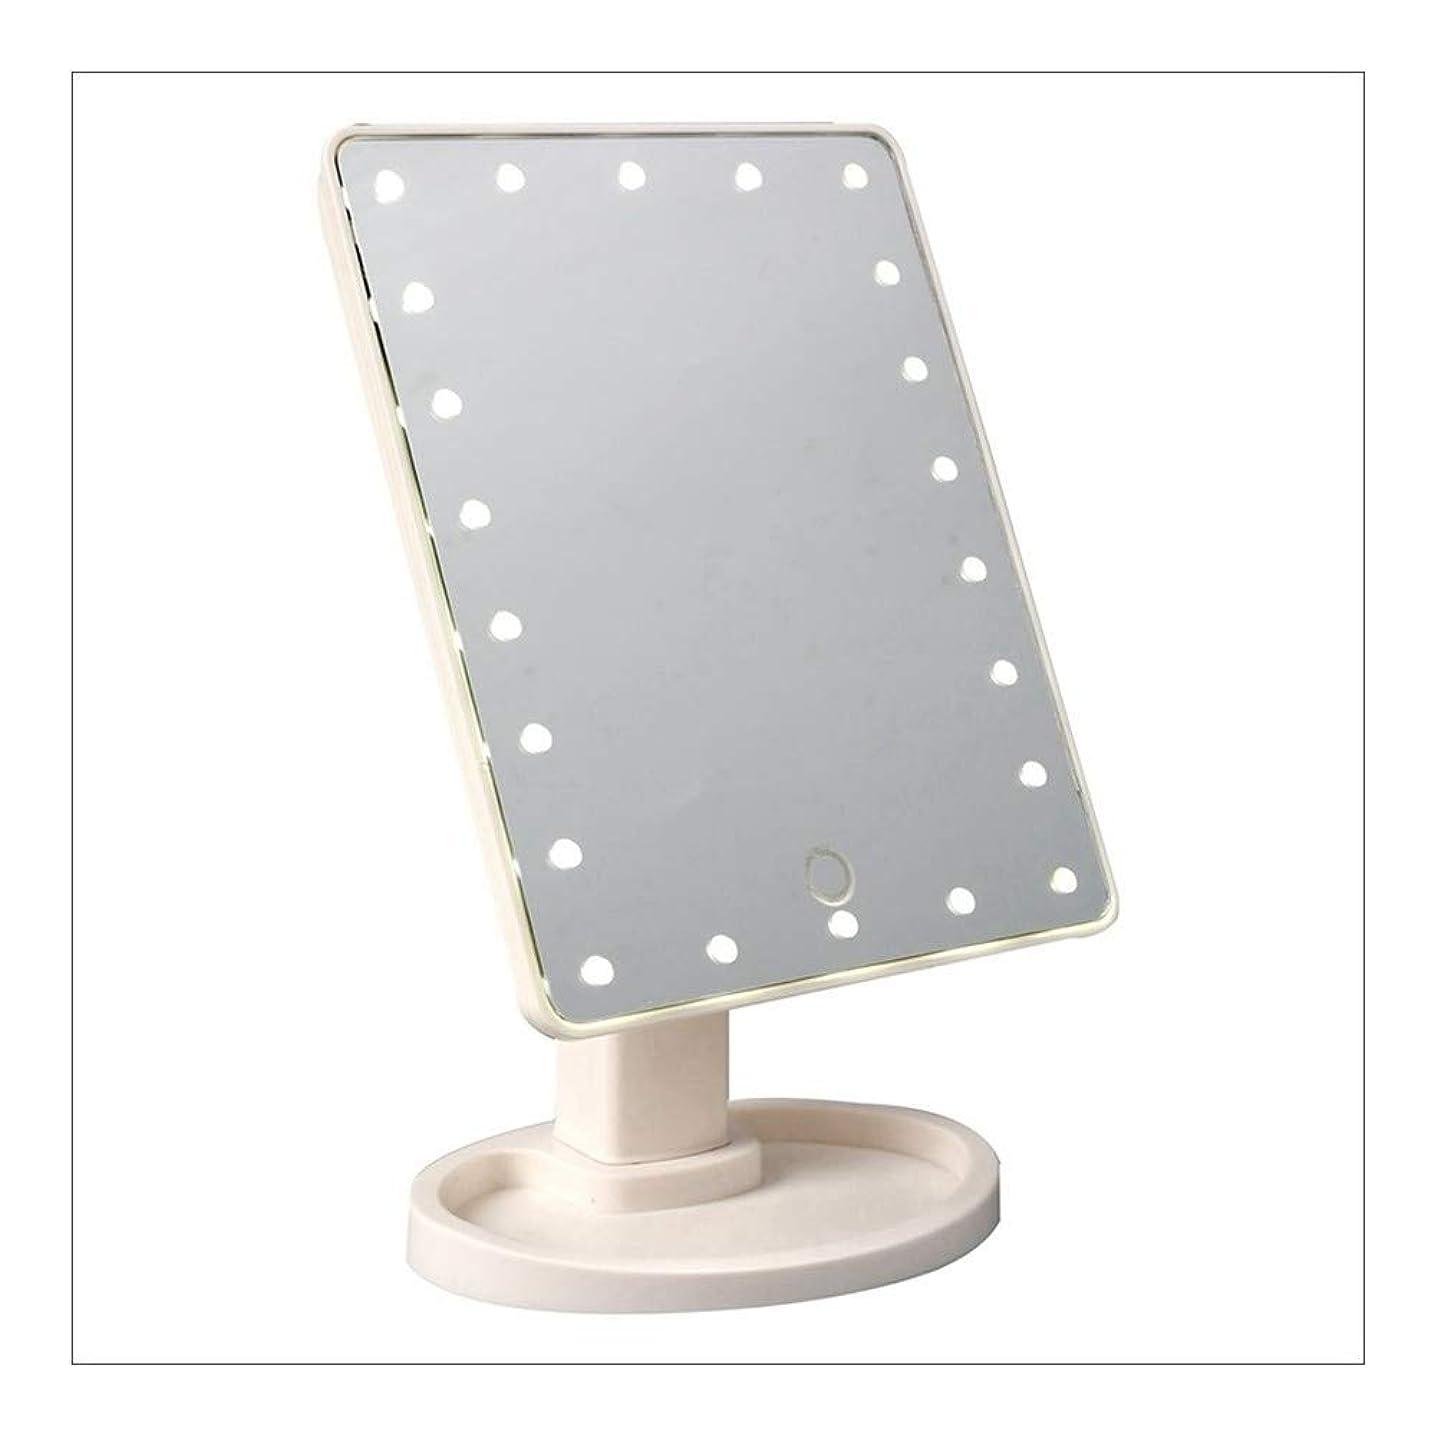 駐地故意のファーム大型照明付き化粧鏡、22のLEDライト、プレススクリーン調光360とメイクバニティミラー°回転